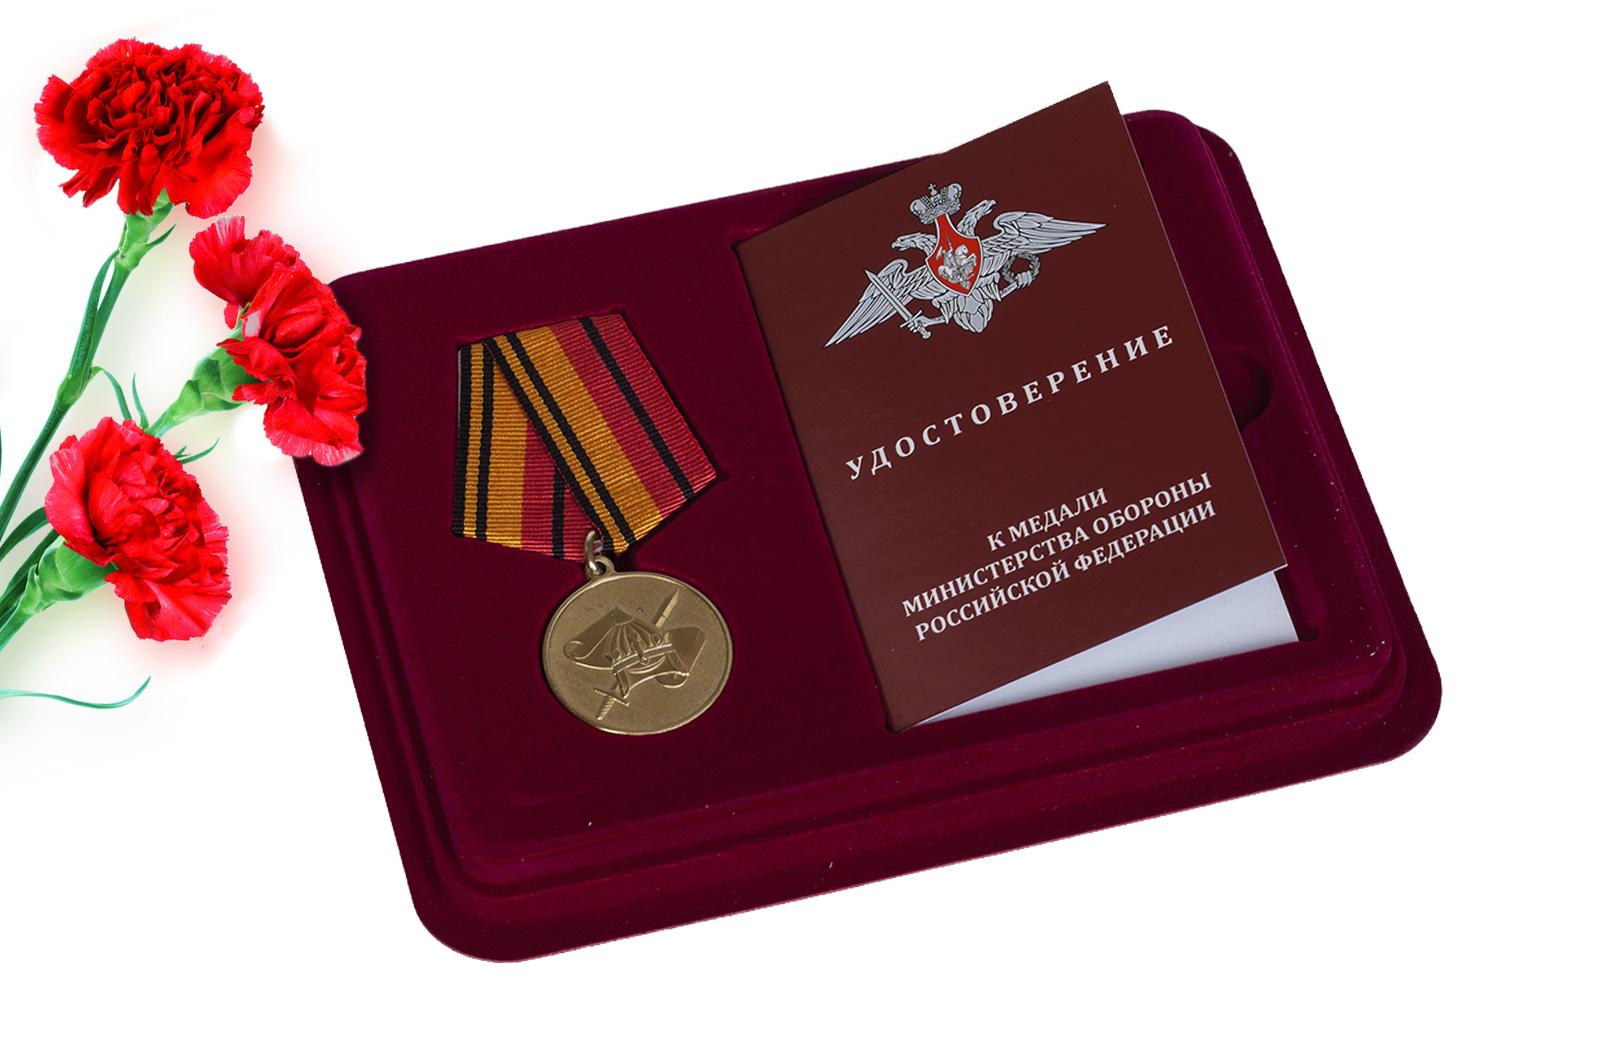 Купить медаль МО России 200 лет Военно-научному комитету ВС РФ оптом или в розницу